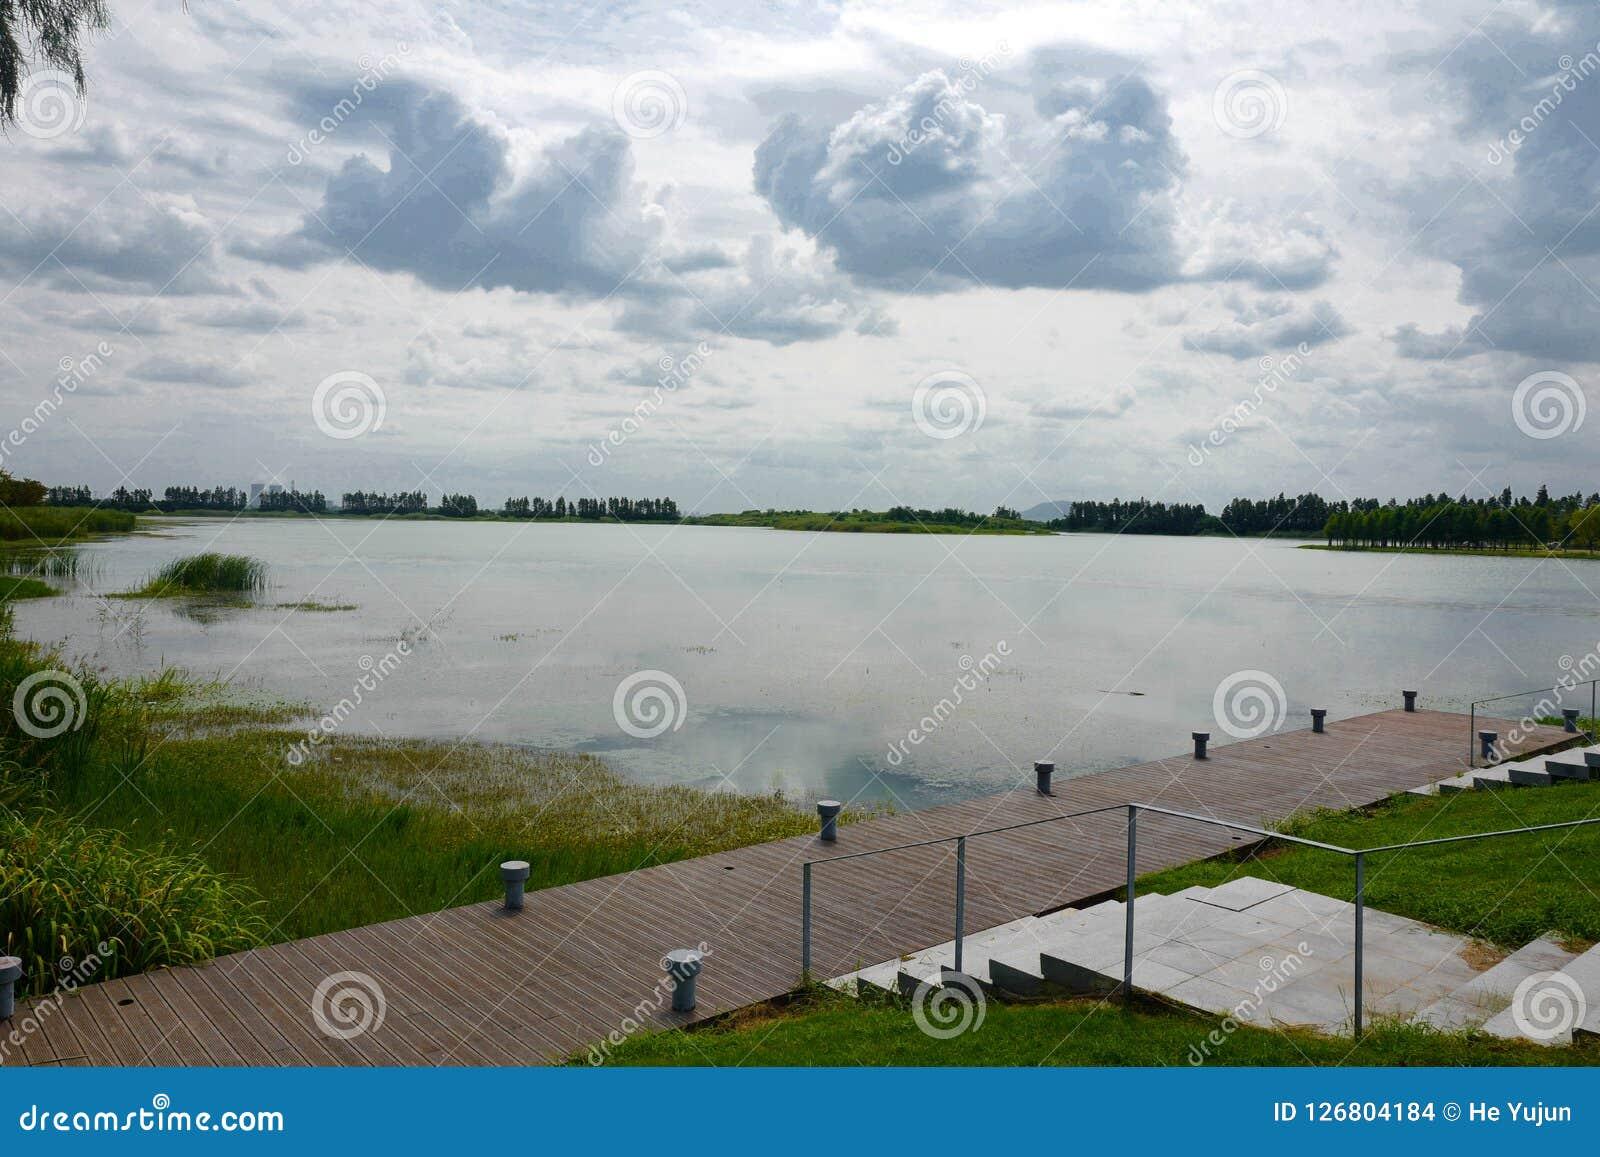 The landscape of Taihu lake